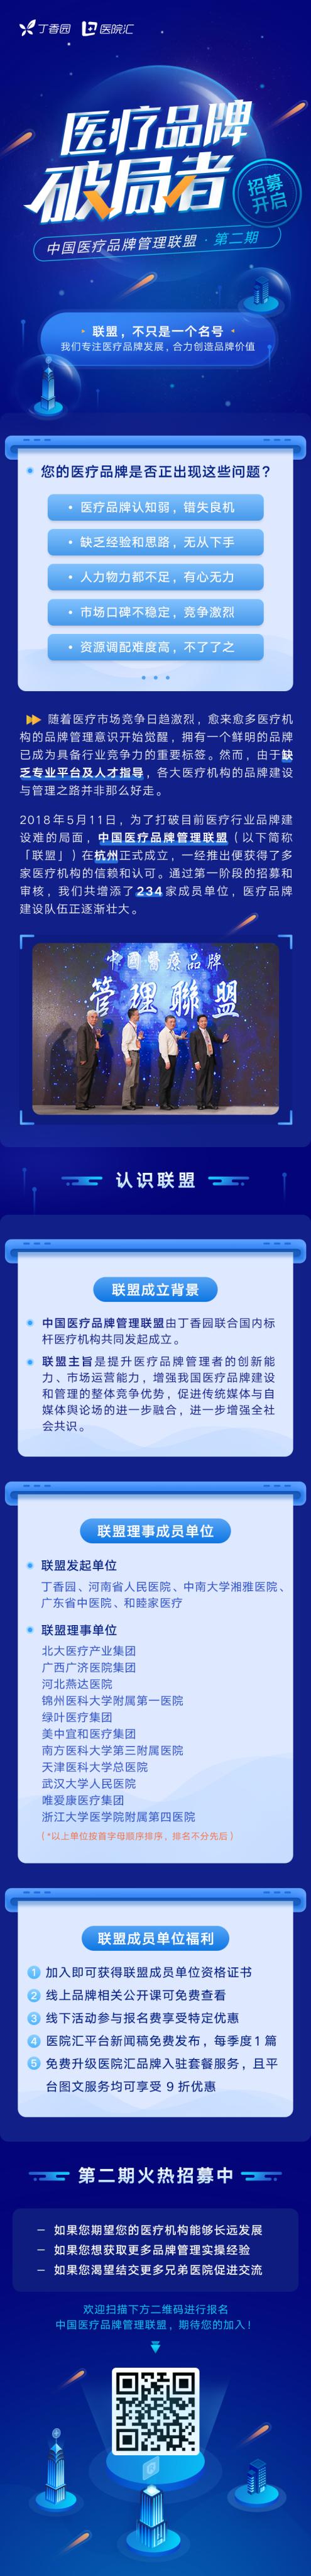 中国医疗品牌管理联盟二期招募开始啦!